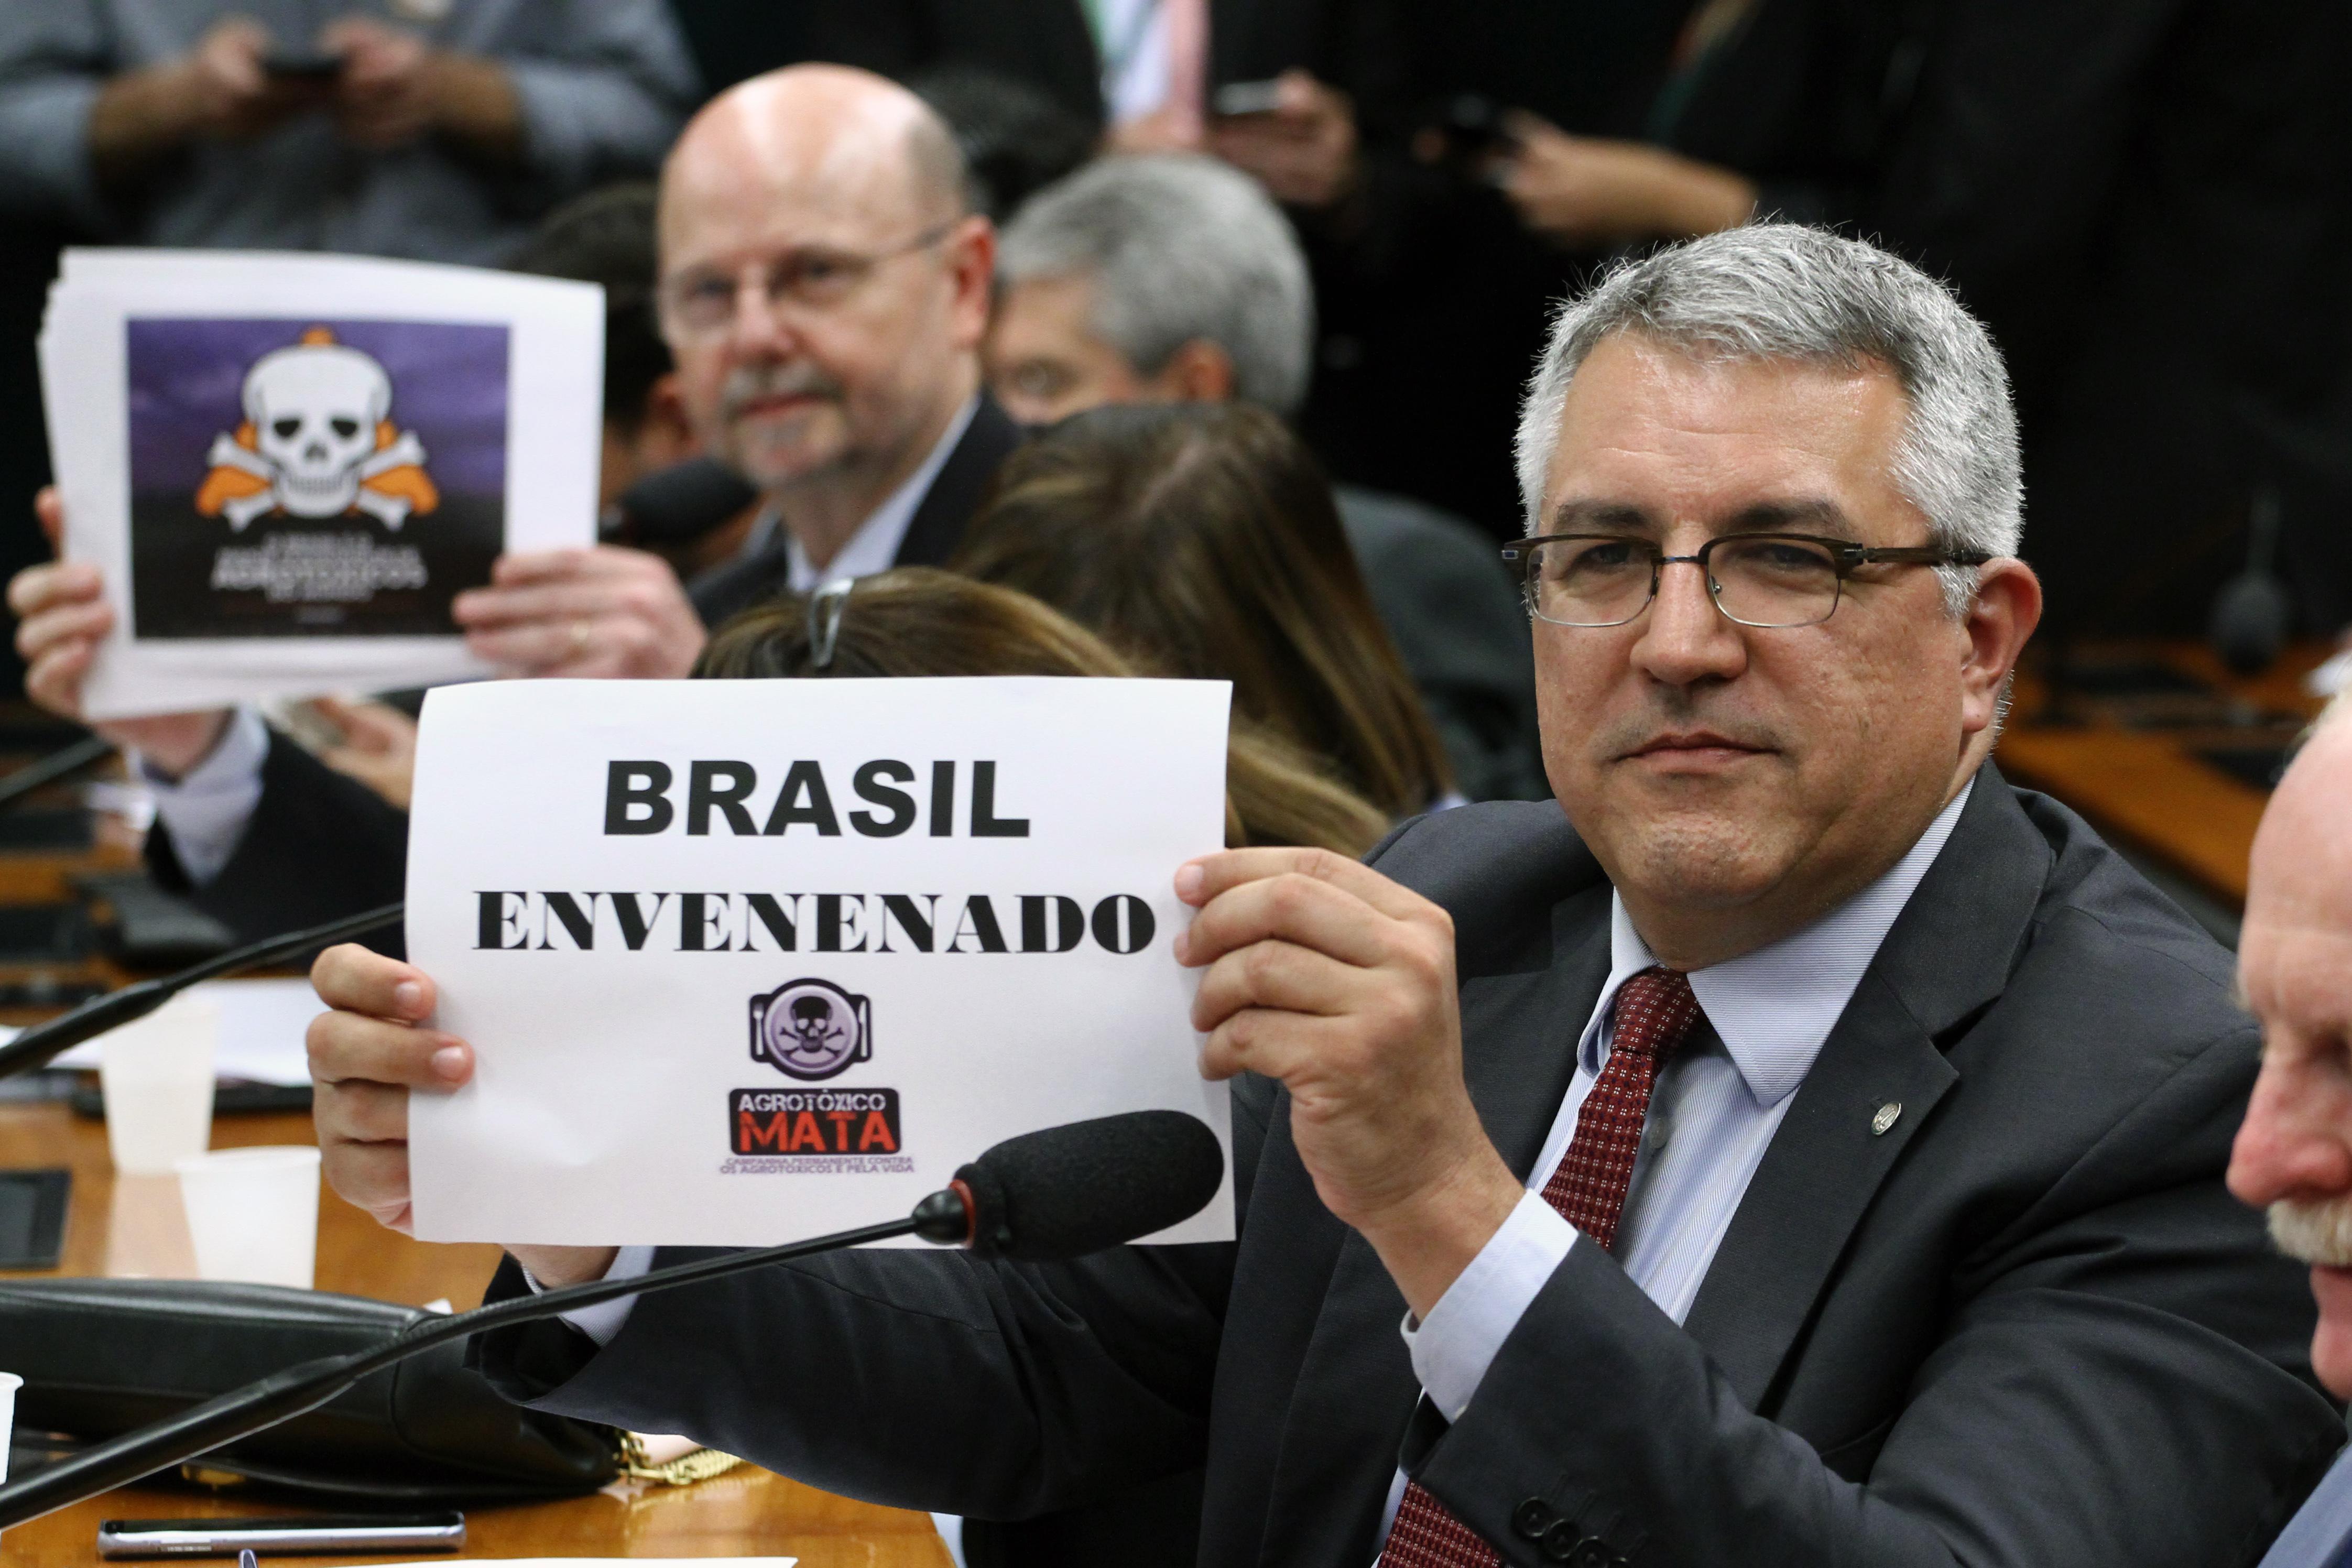 Audiência pública para a prestação de informações sobre a liberação de registros de agrotóxicos. Dep. Alexandre Padilha (PT - SP)